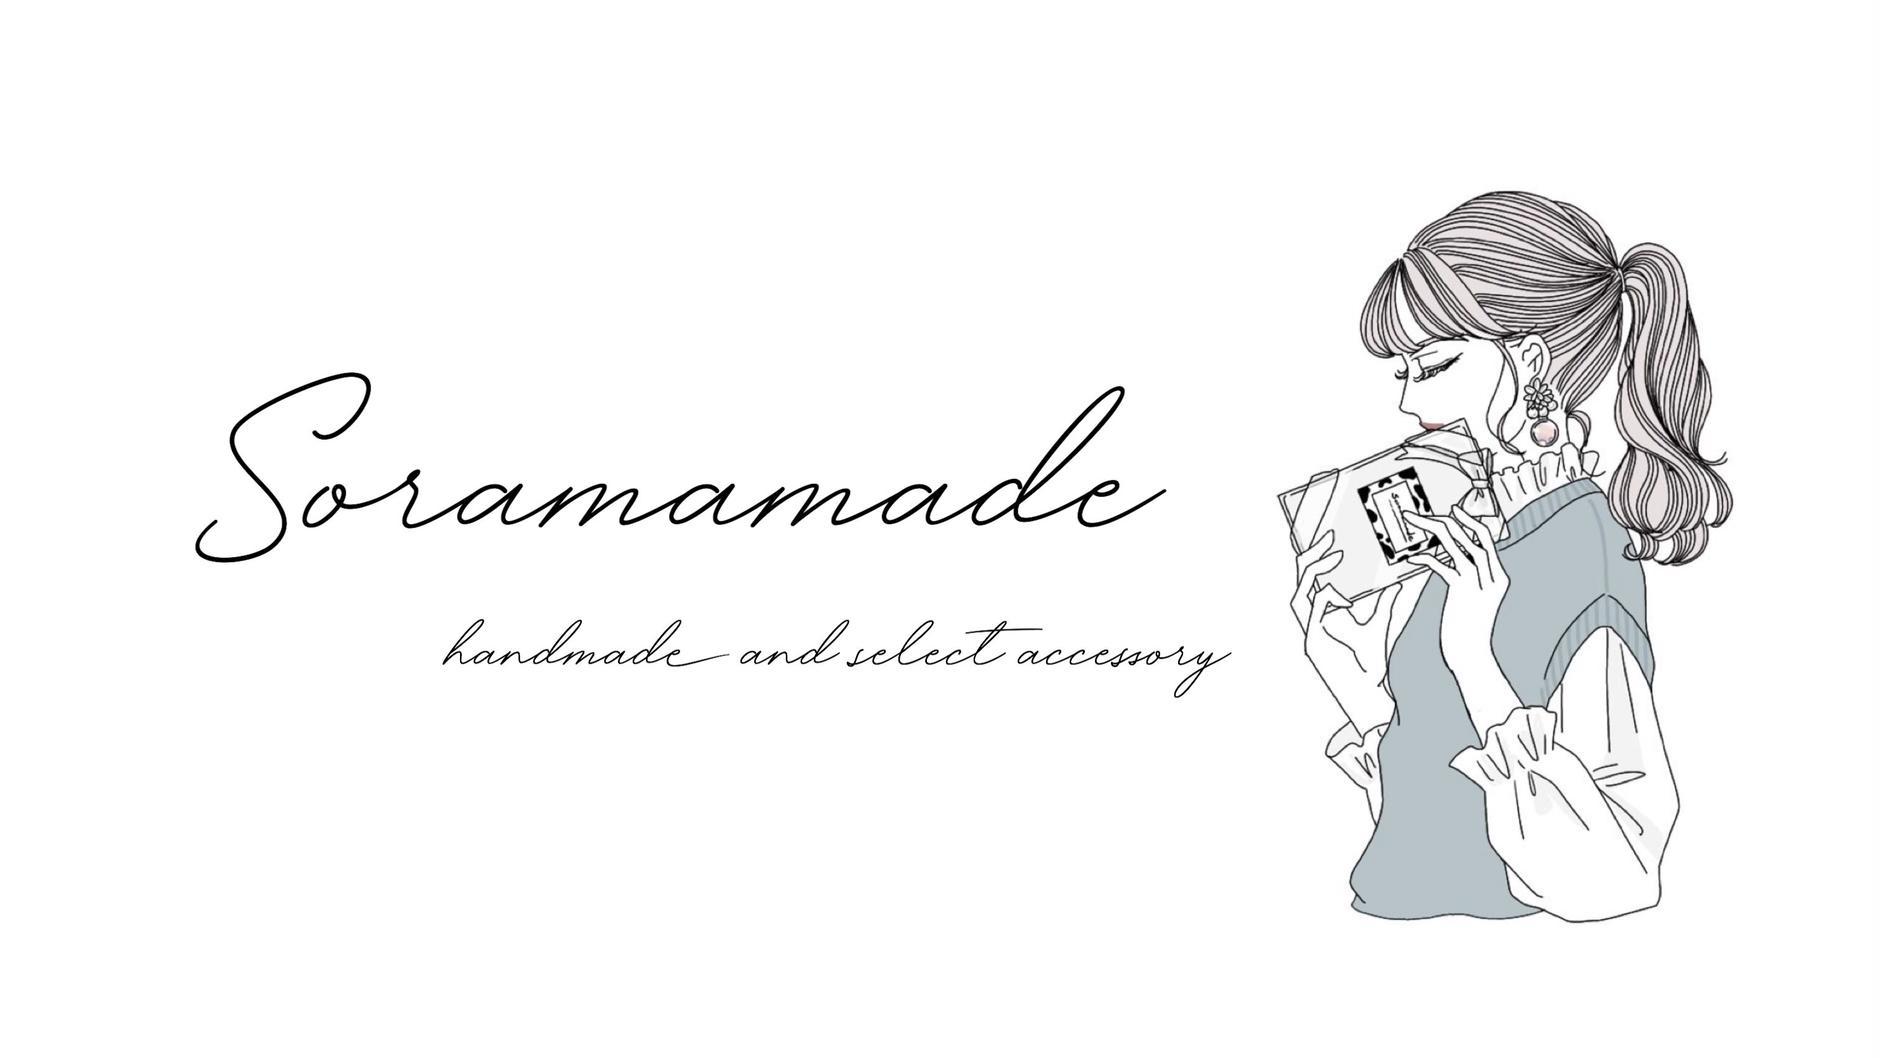 Soramamade